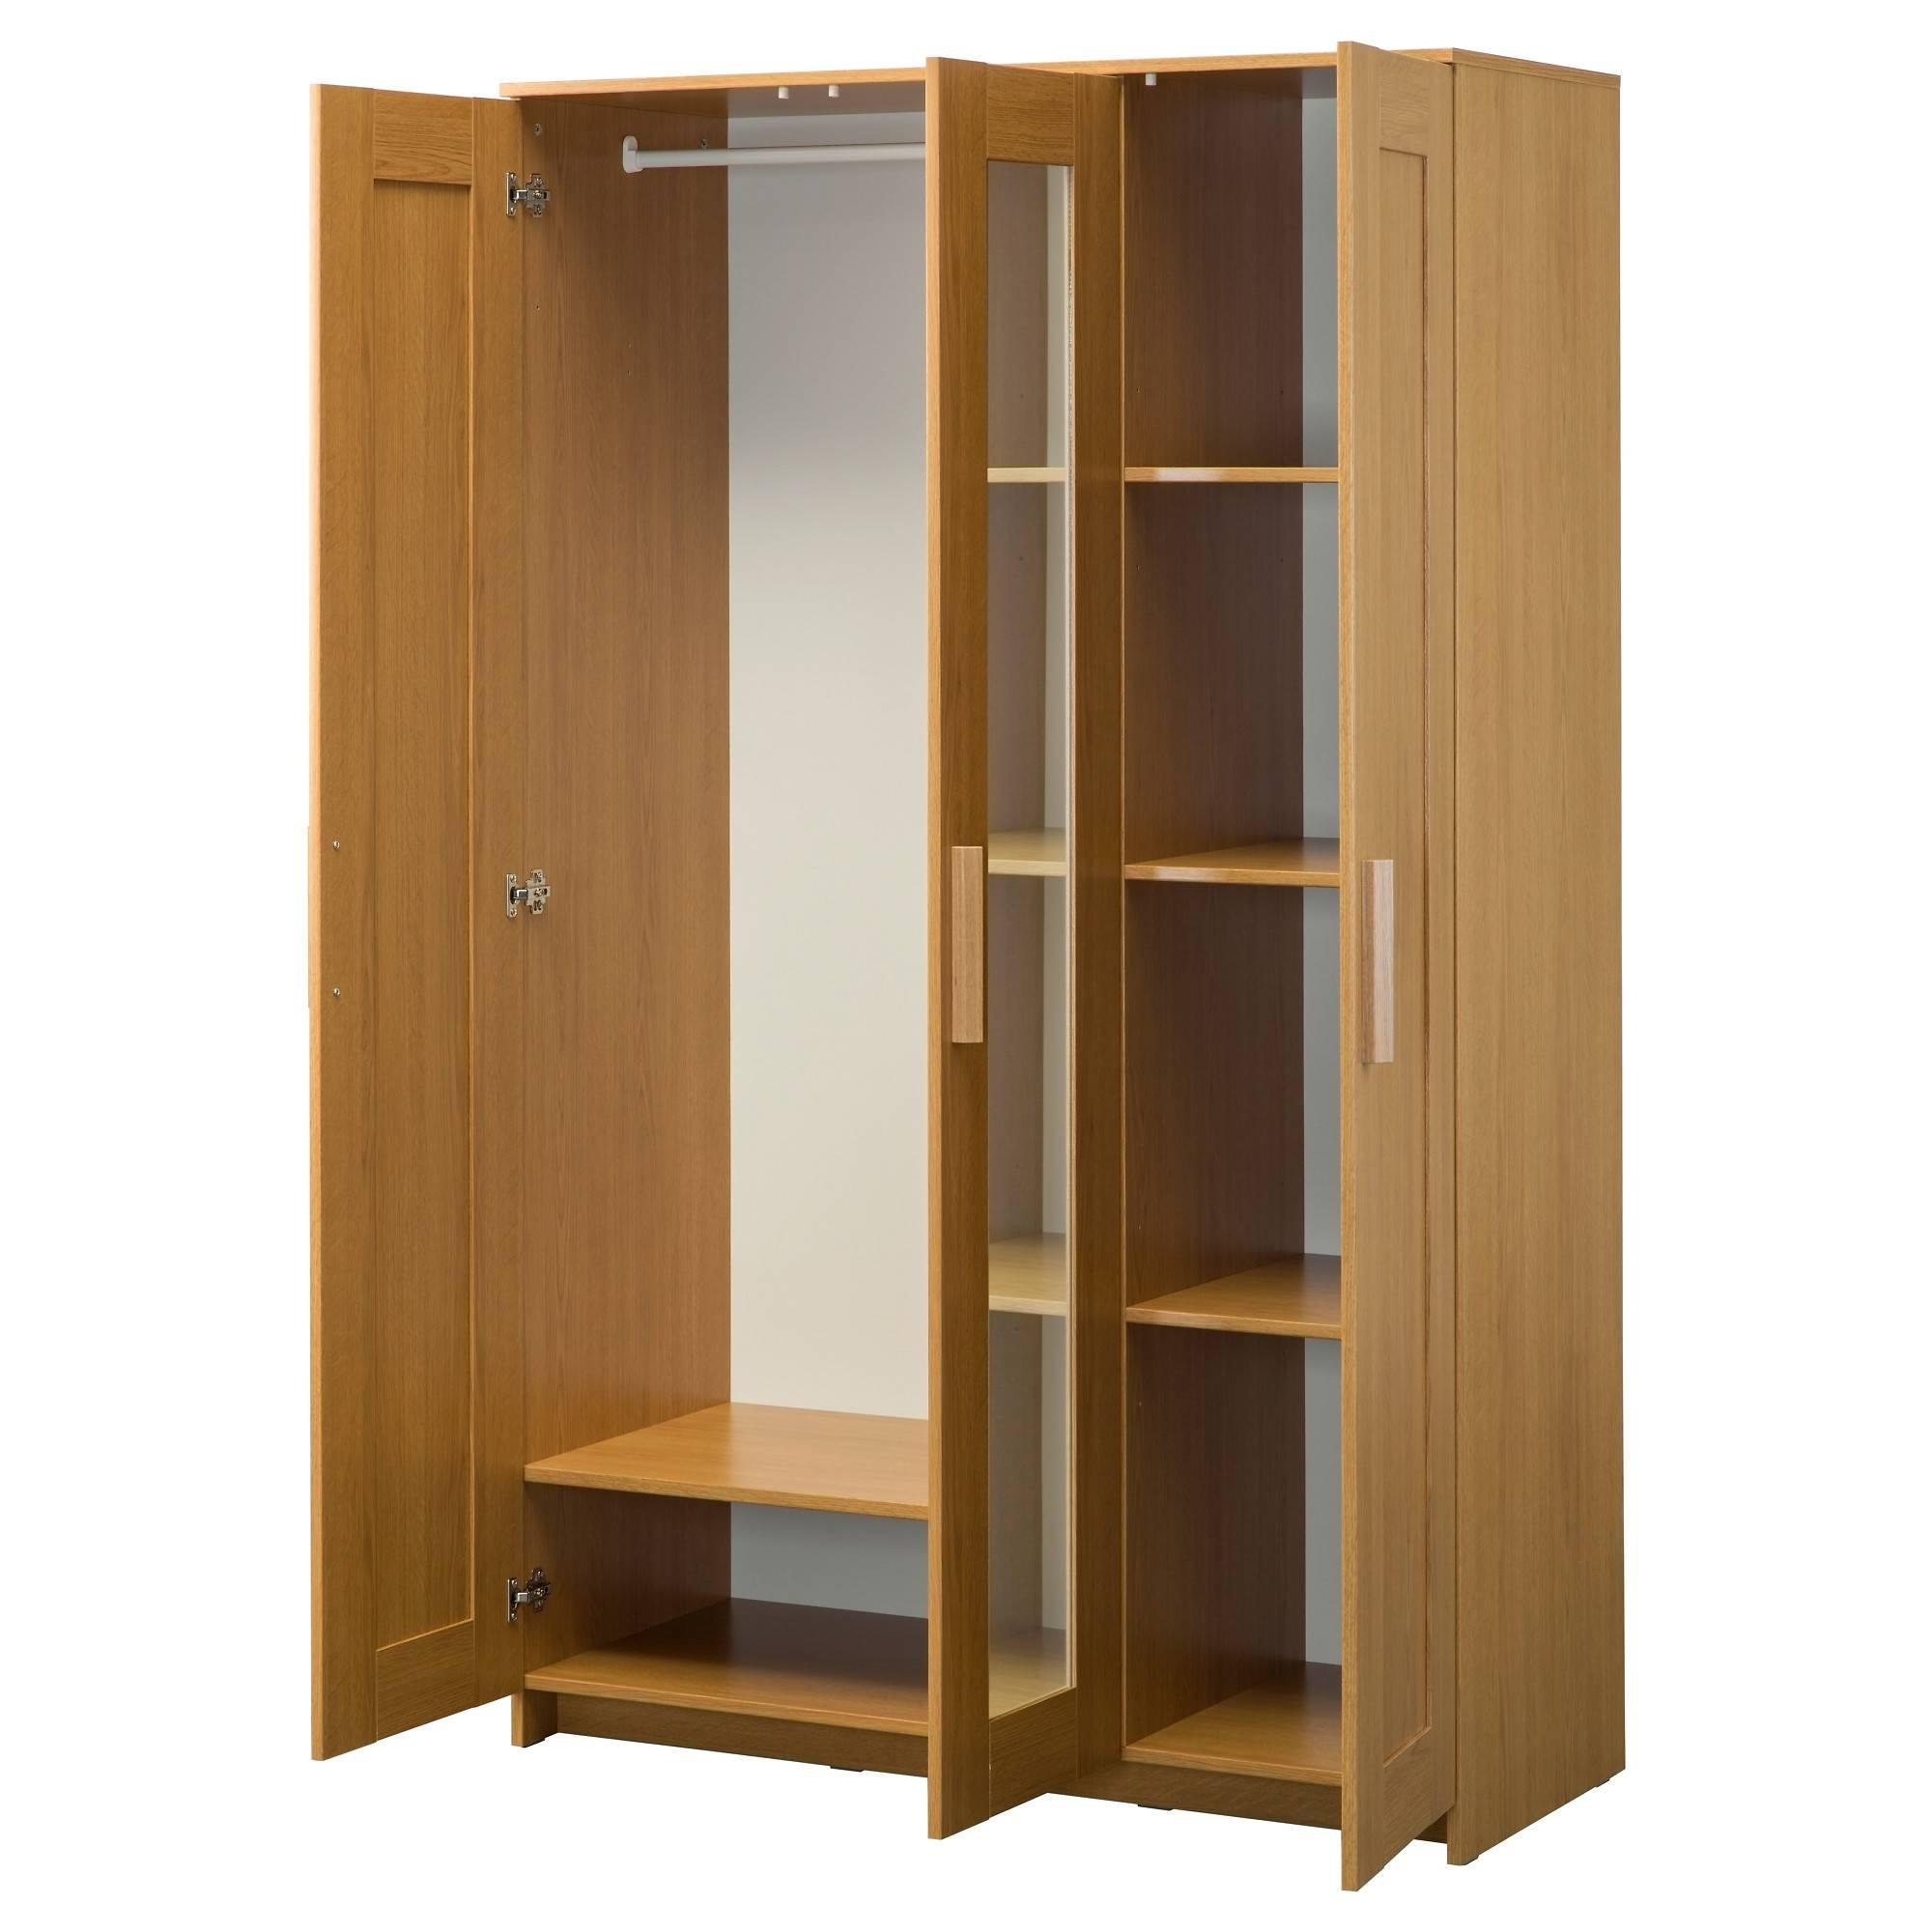 Brimnes Wardrobe With 3 Doors Oak Effect 117X190 Cm - Ikea intended for 3 Door Wardrobes (Image 7 of 15)